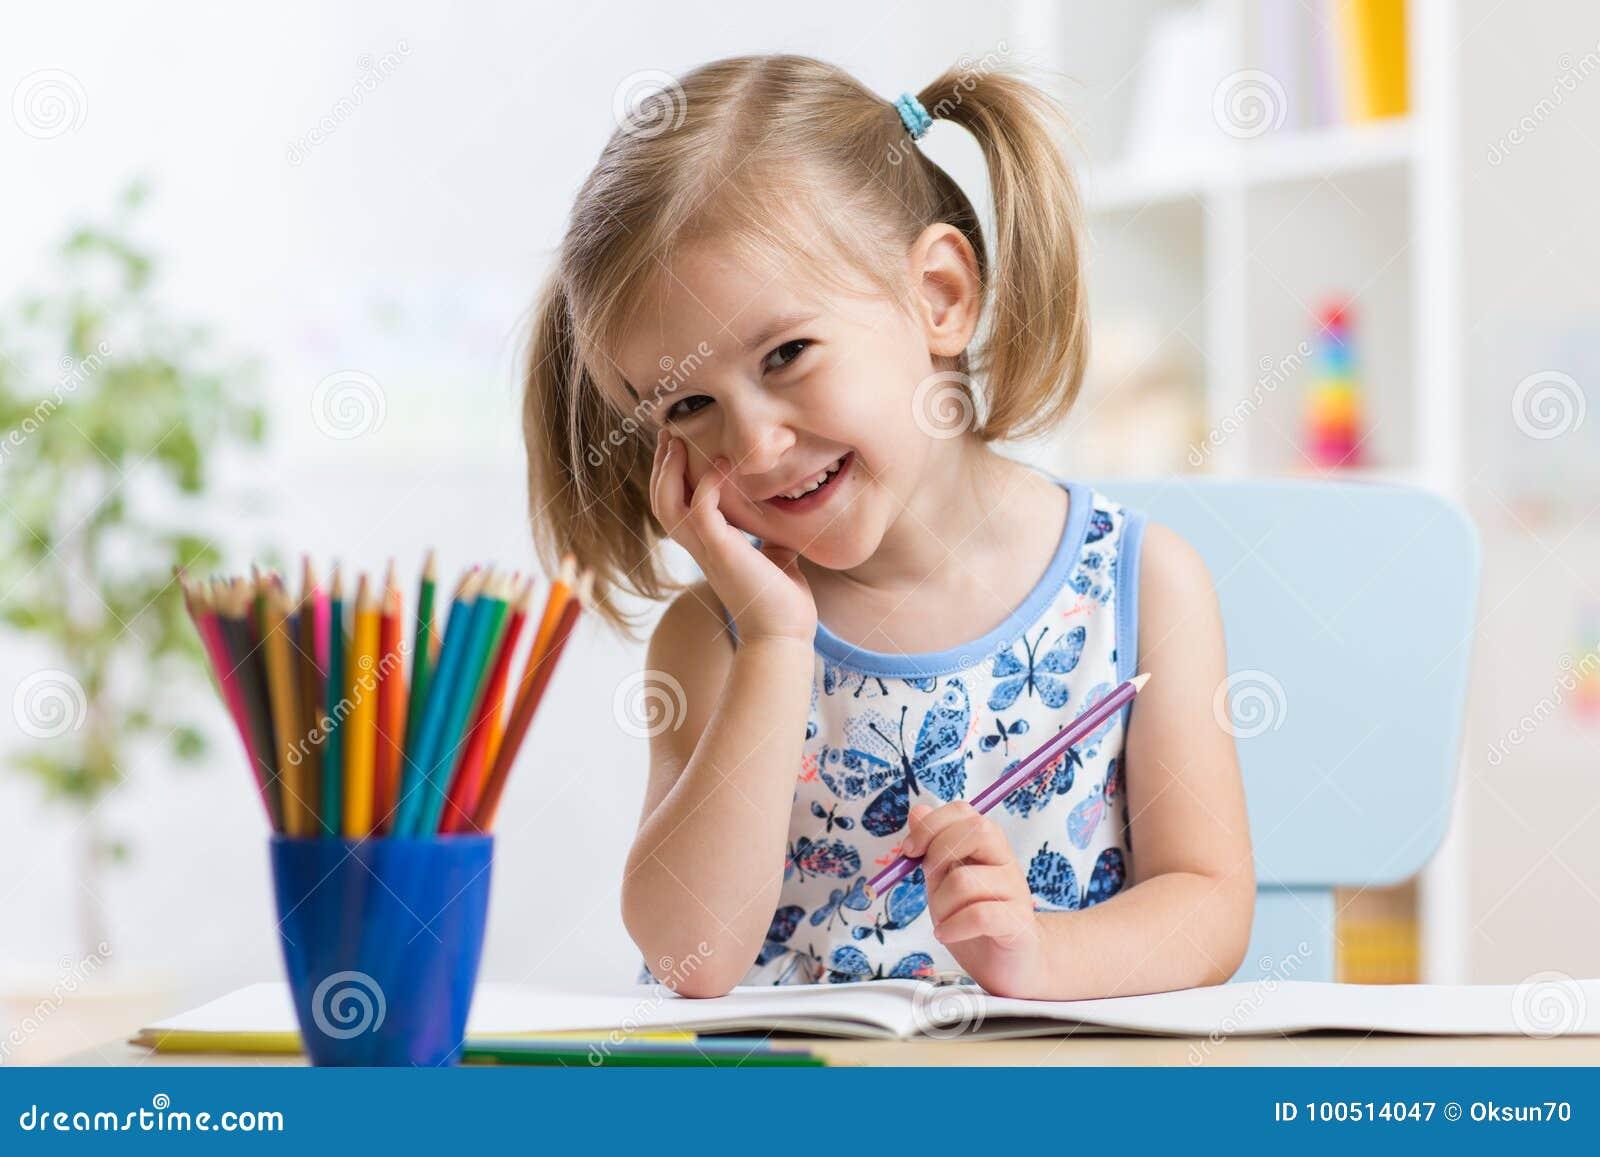 Милый чертеж маленькой девочки с красочными карандашами на бумаге Милый ребенок крася внутри помещения дома, daycare или детский